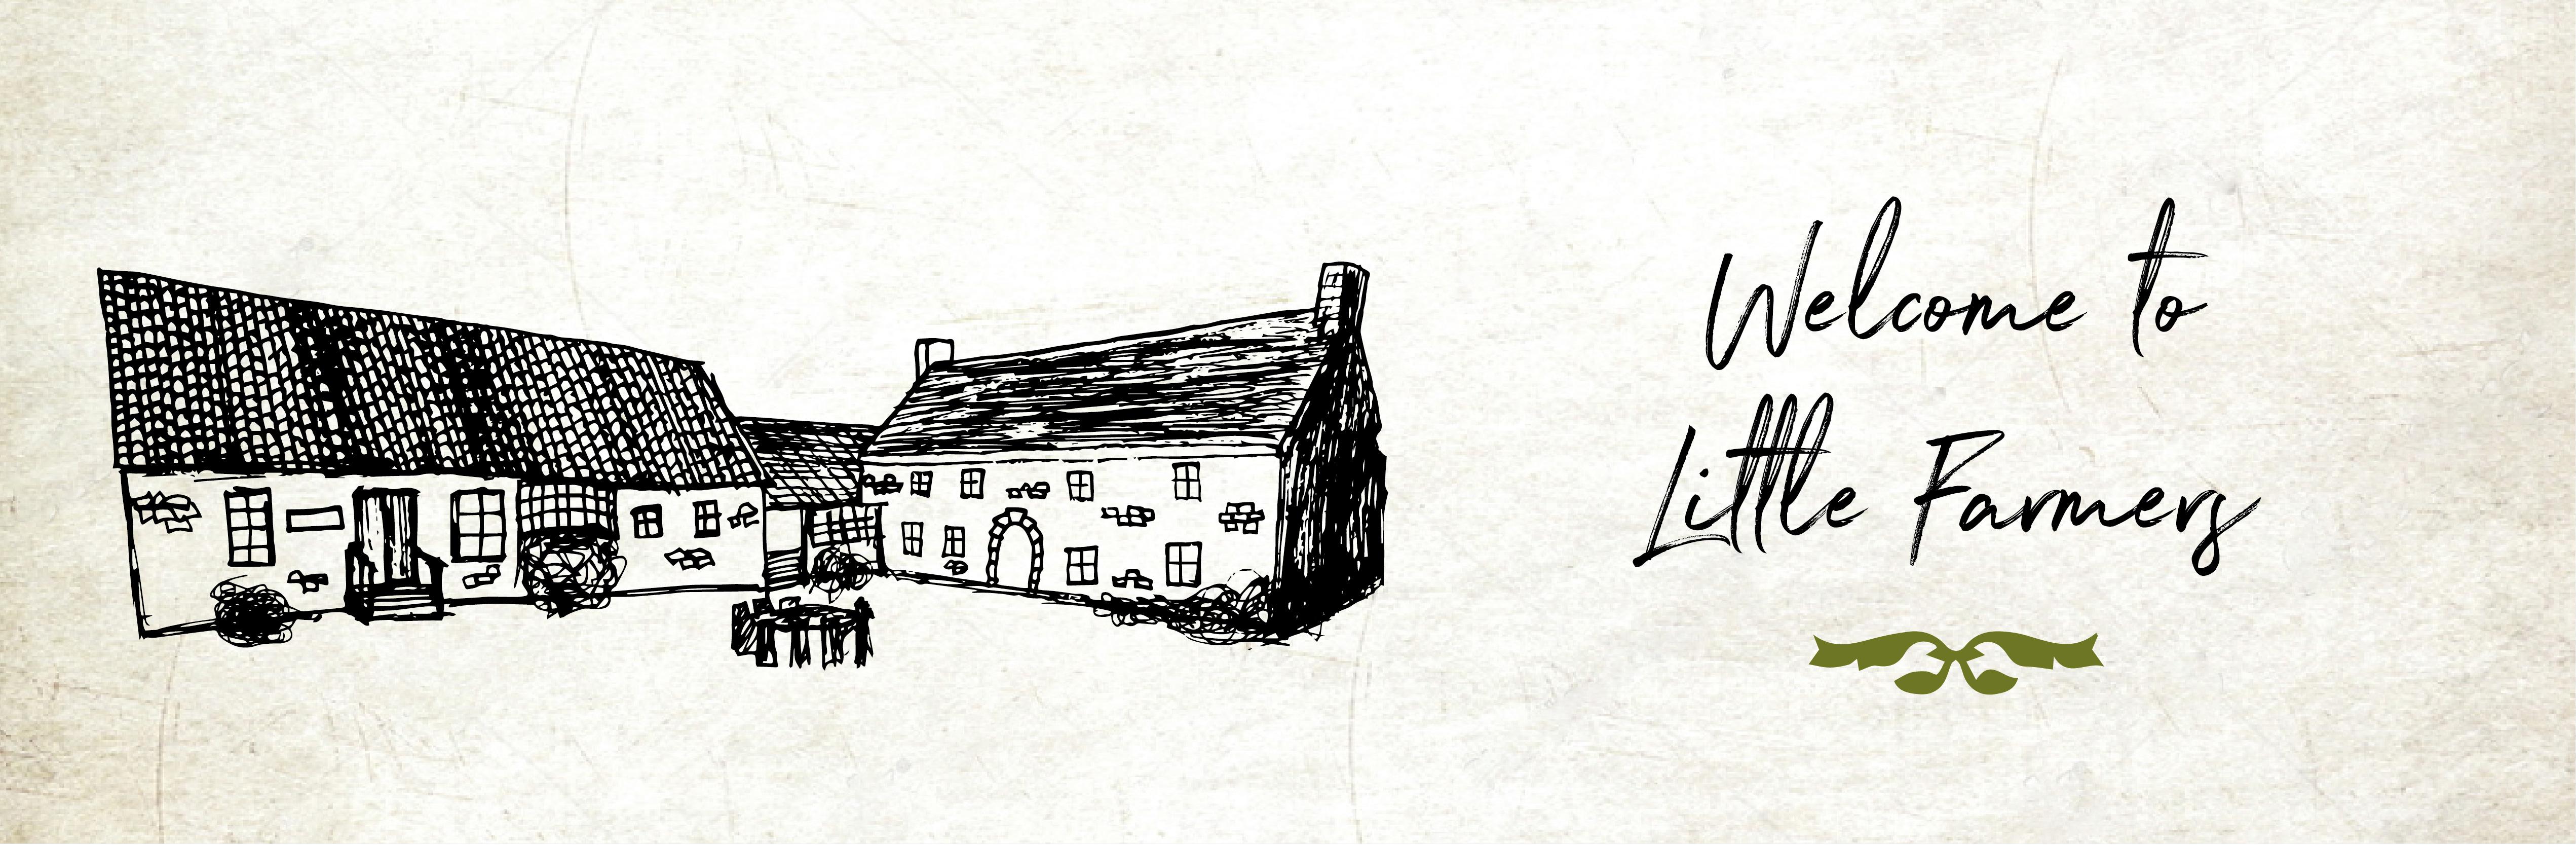 The Farm House - Welcome - little farmer